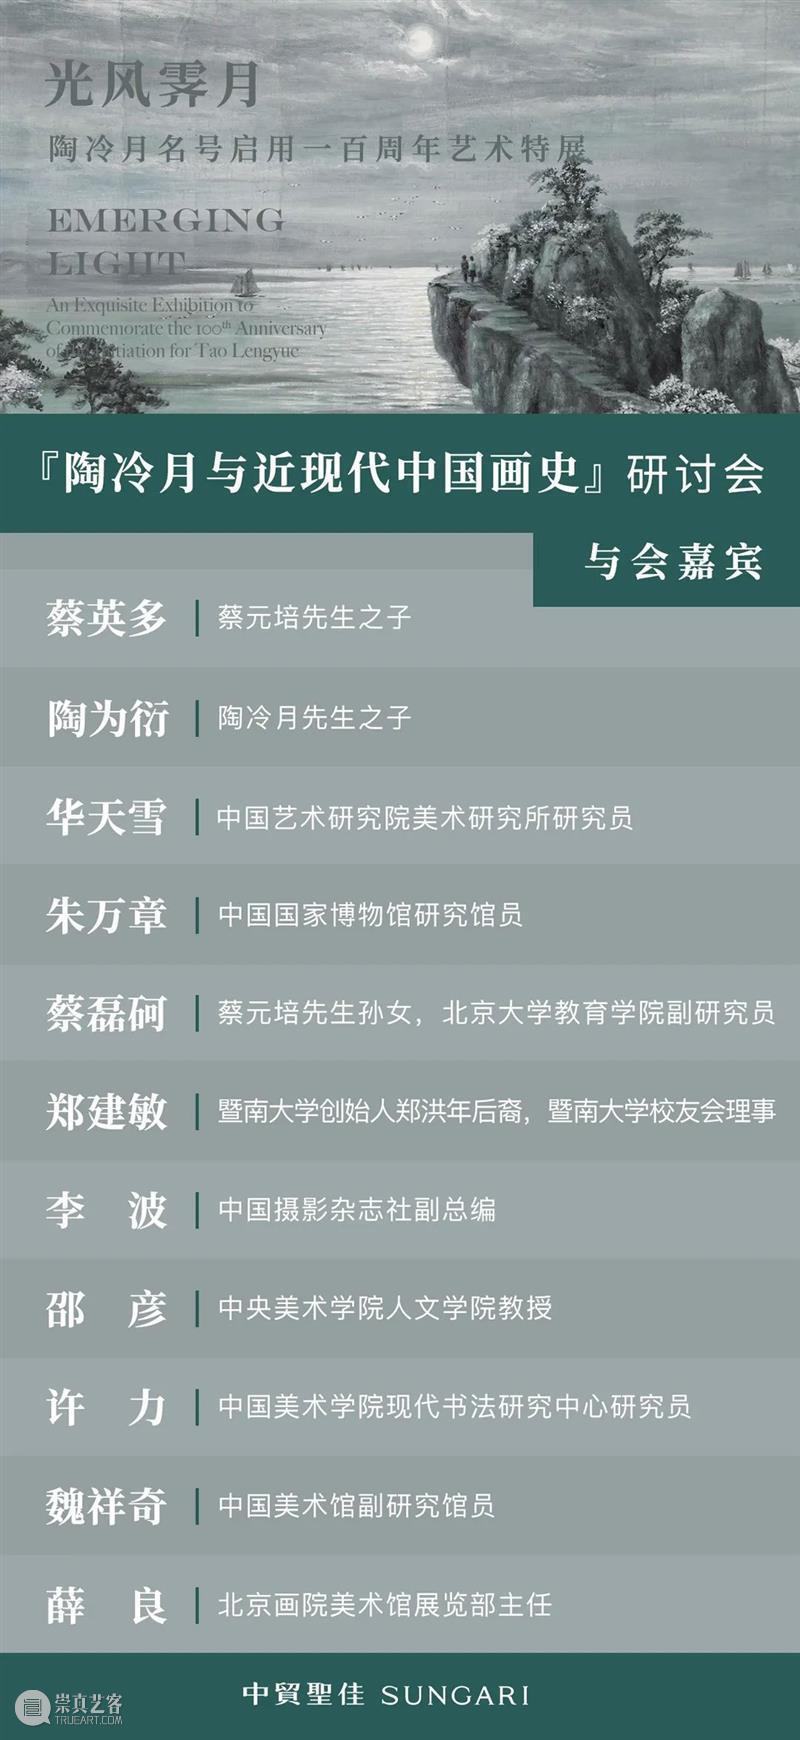 10月2日-10月22日,年度大展,等您打卡! 年度 光风霁月 陶冷月 名号 艺术 开幕式 研讨会 期丨 时间 北京市 崇真艺客